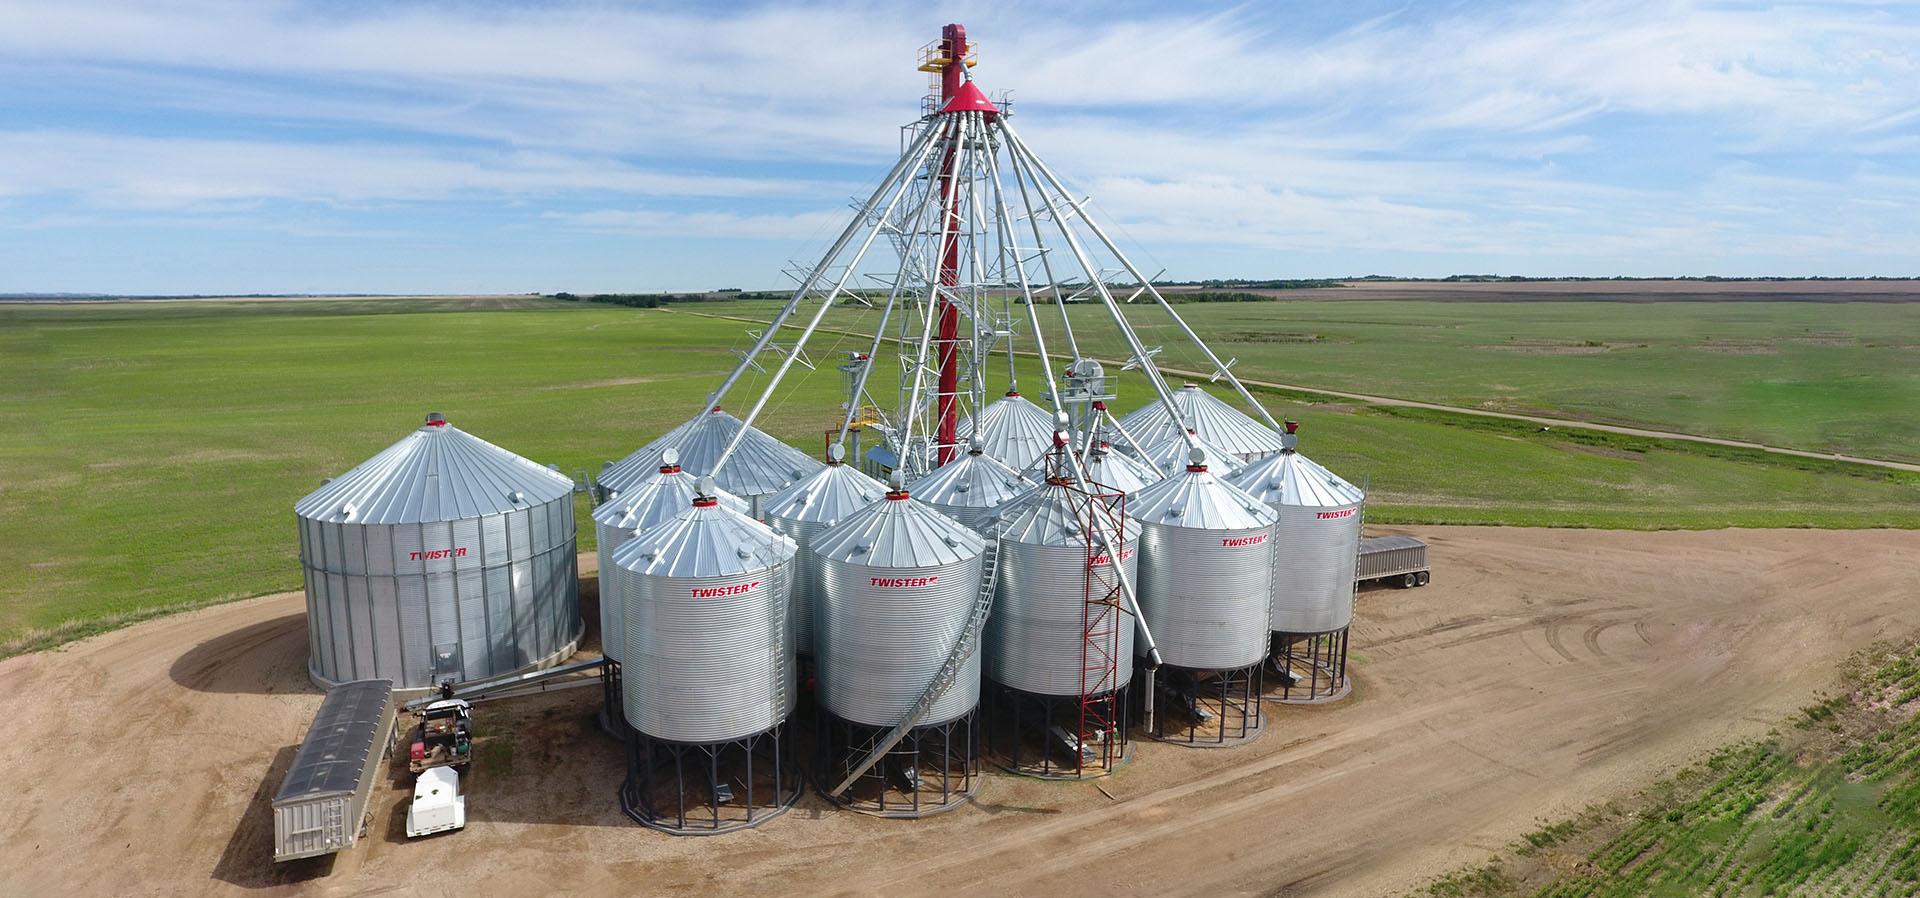 Complete Grain Handling Site with Bucket Elevators